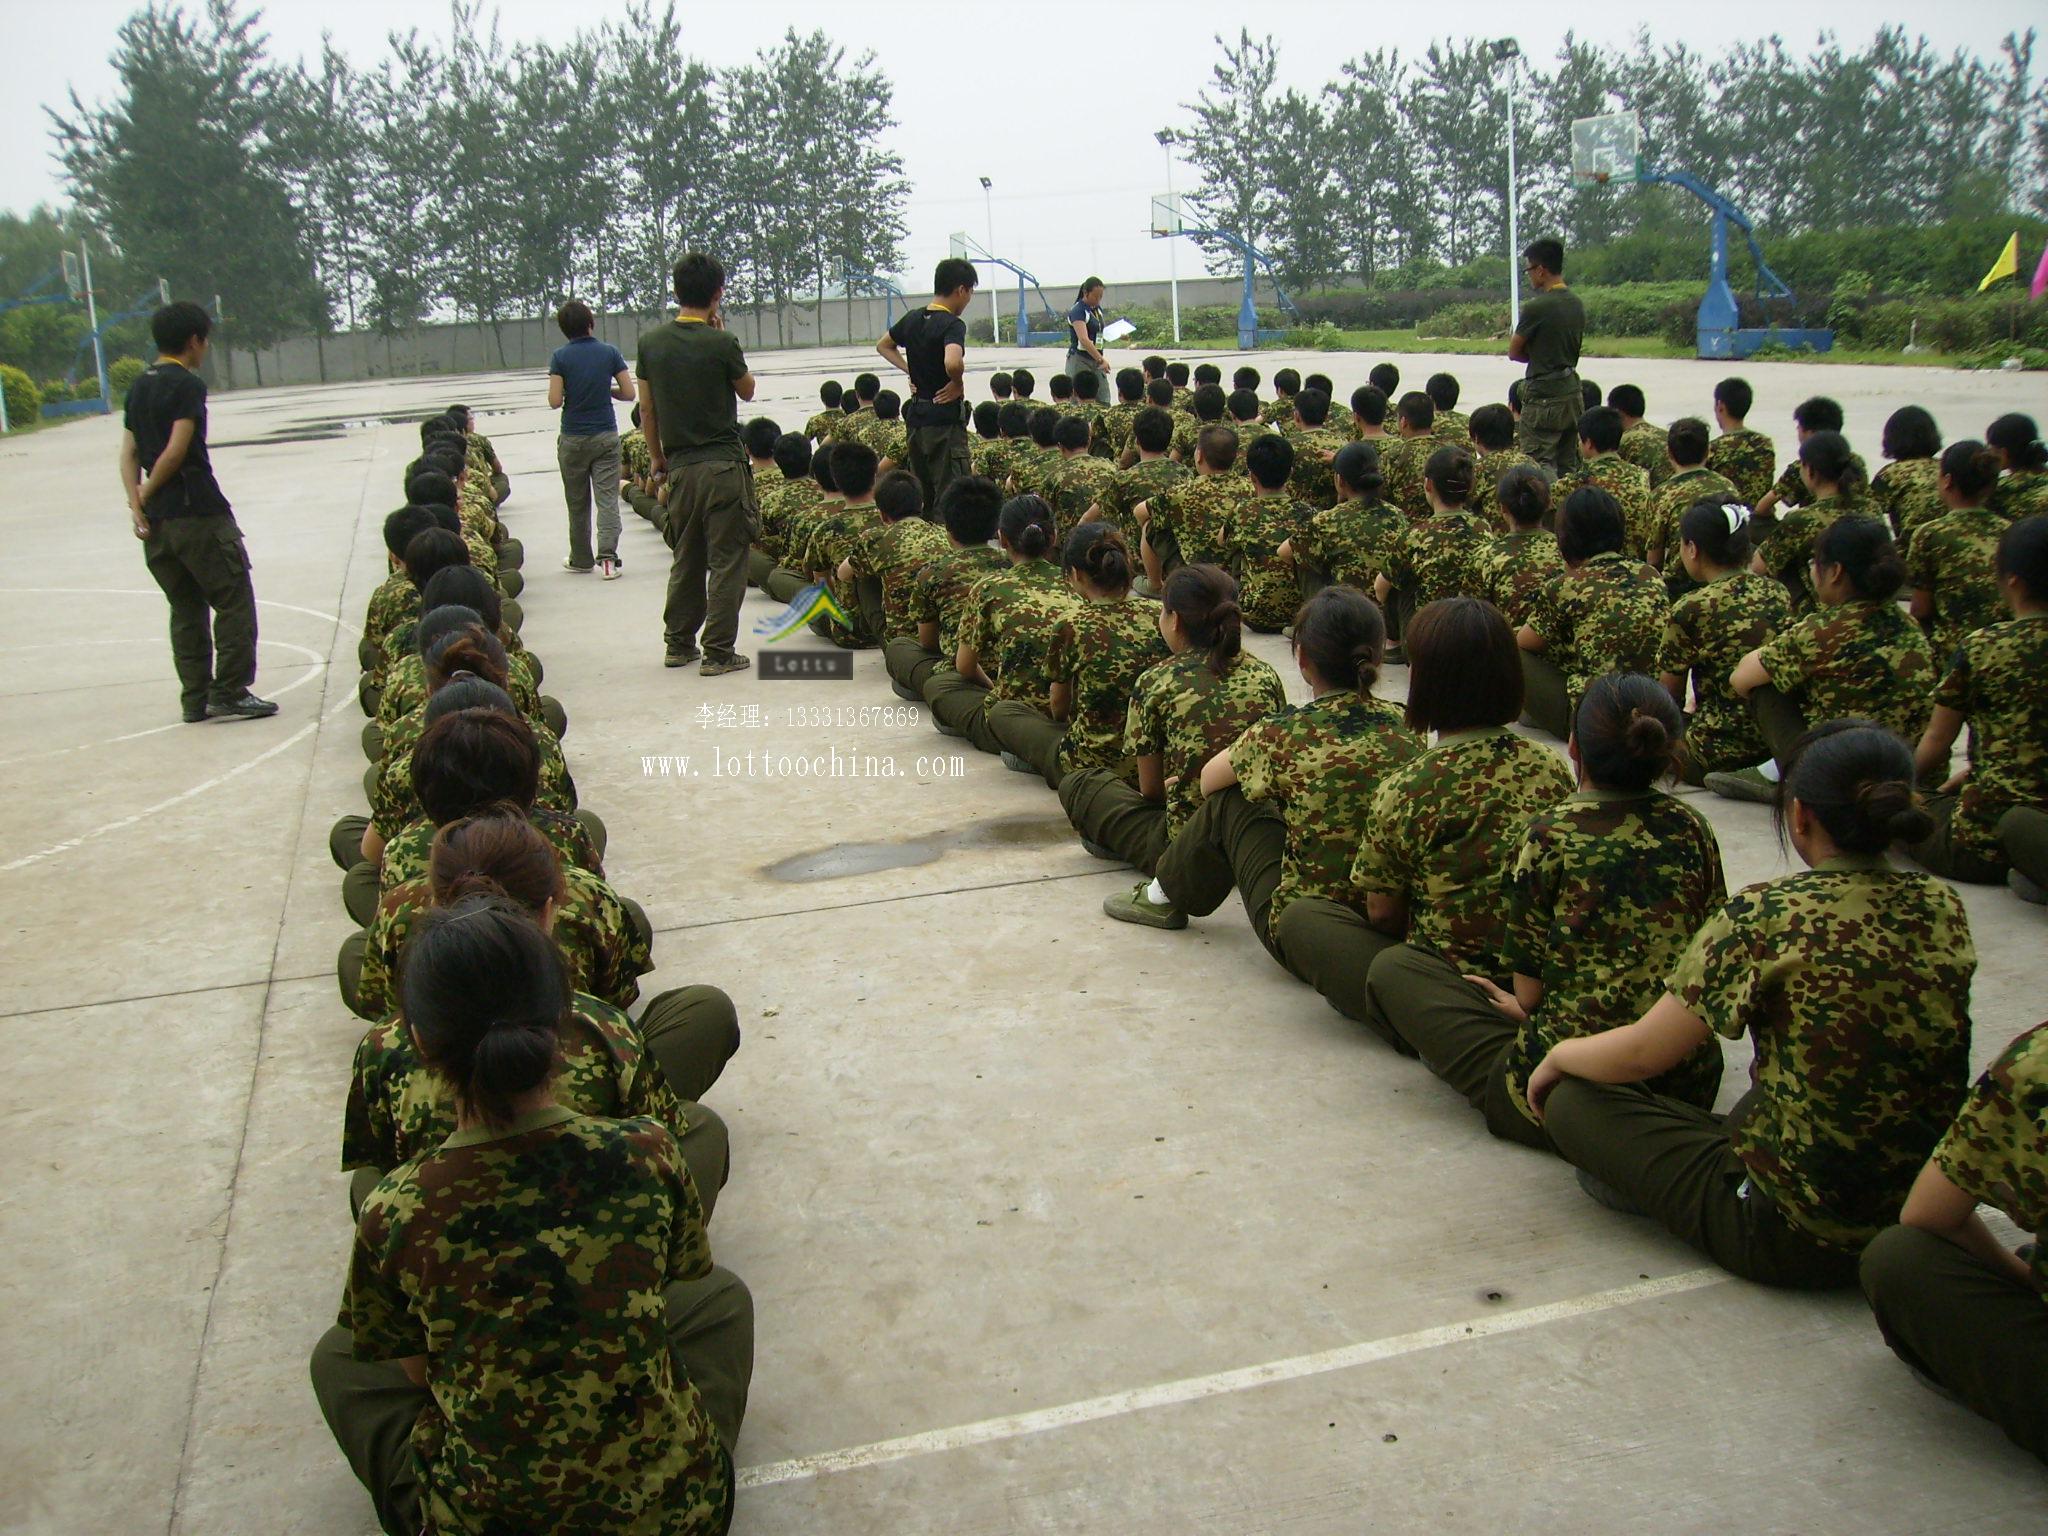 【揭秘】训练拓展的意义 拓展训练带来的益处